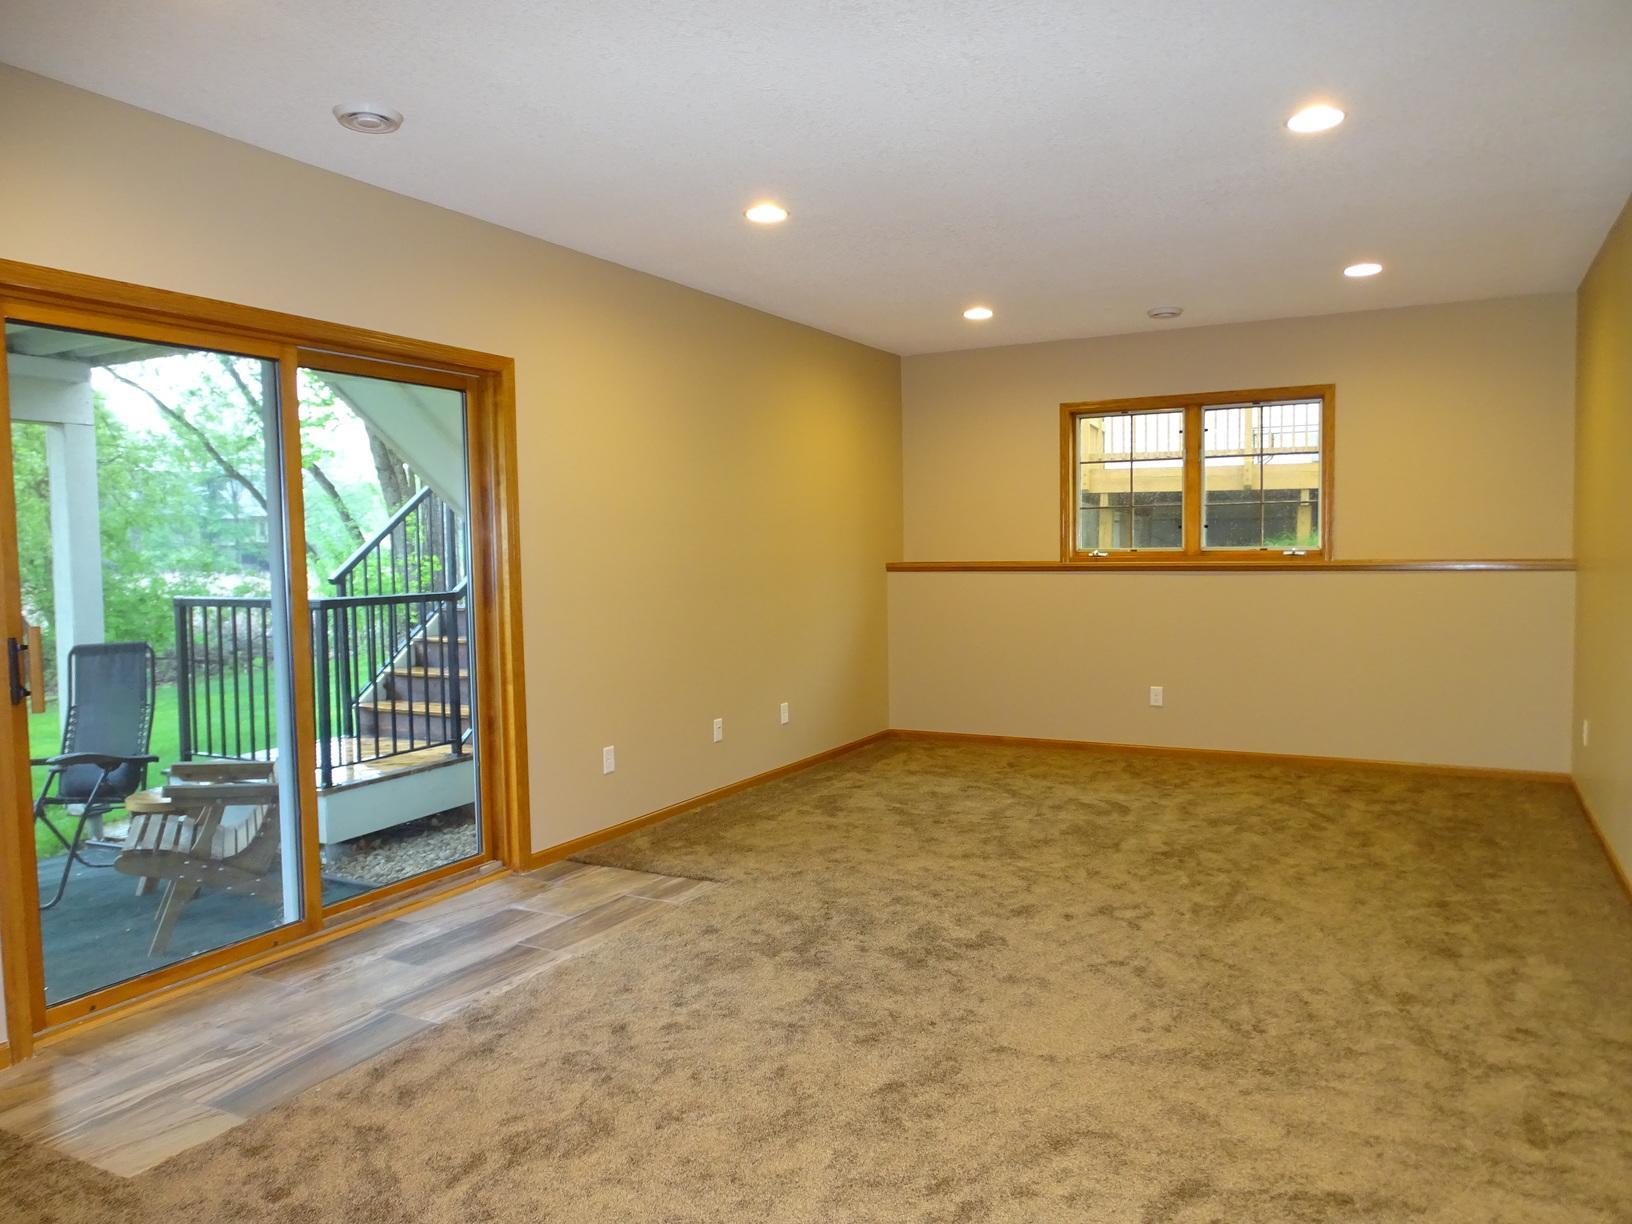 87481-2-after-living-room-basement